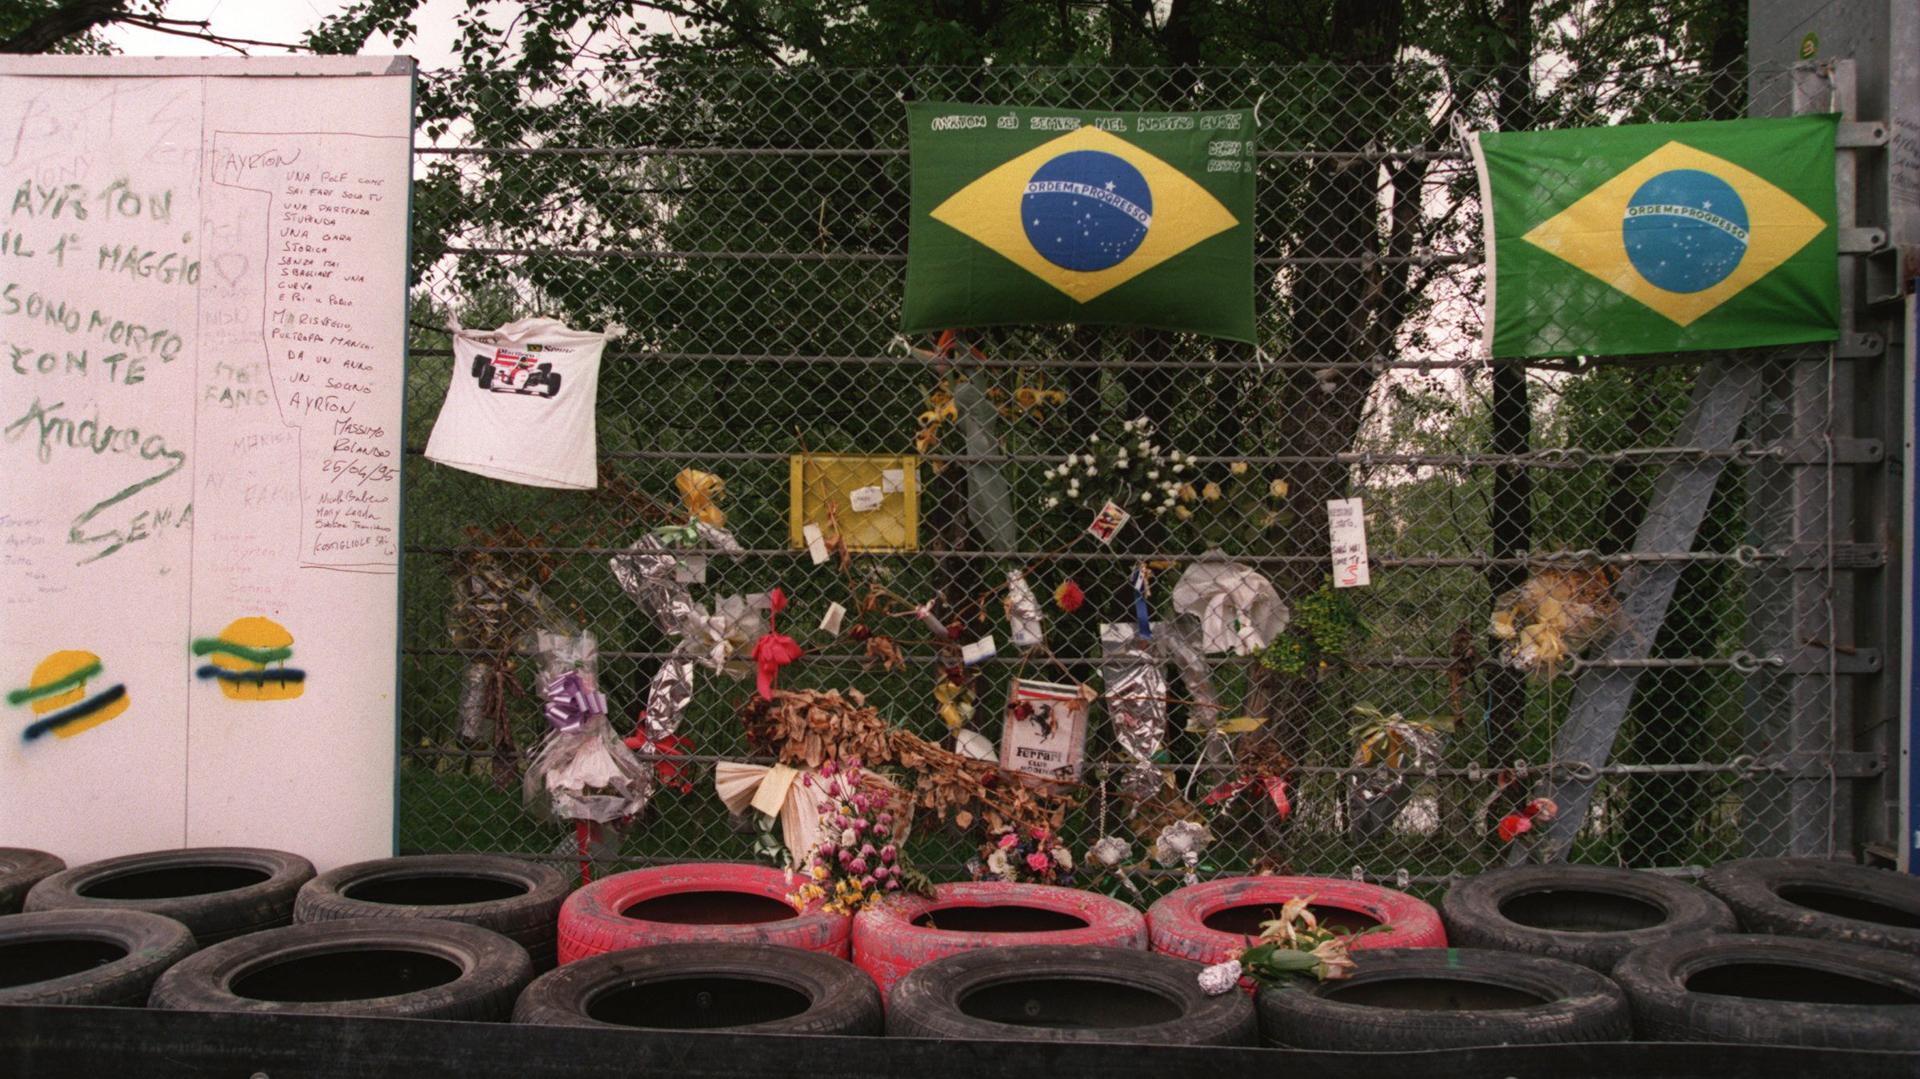 Un año después del fallecimiento de Senna, los fanáticos dejaron ofrendas en la zona del accidente donde el brasileño perdió su vida